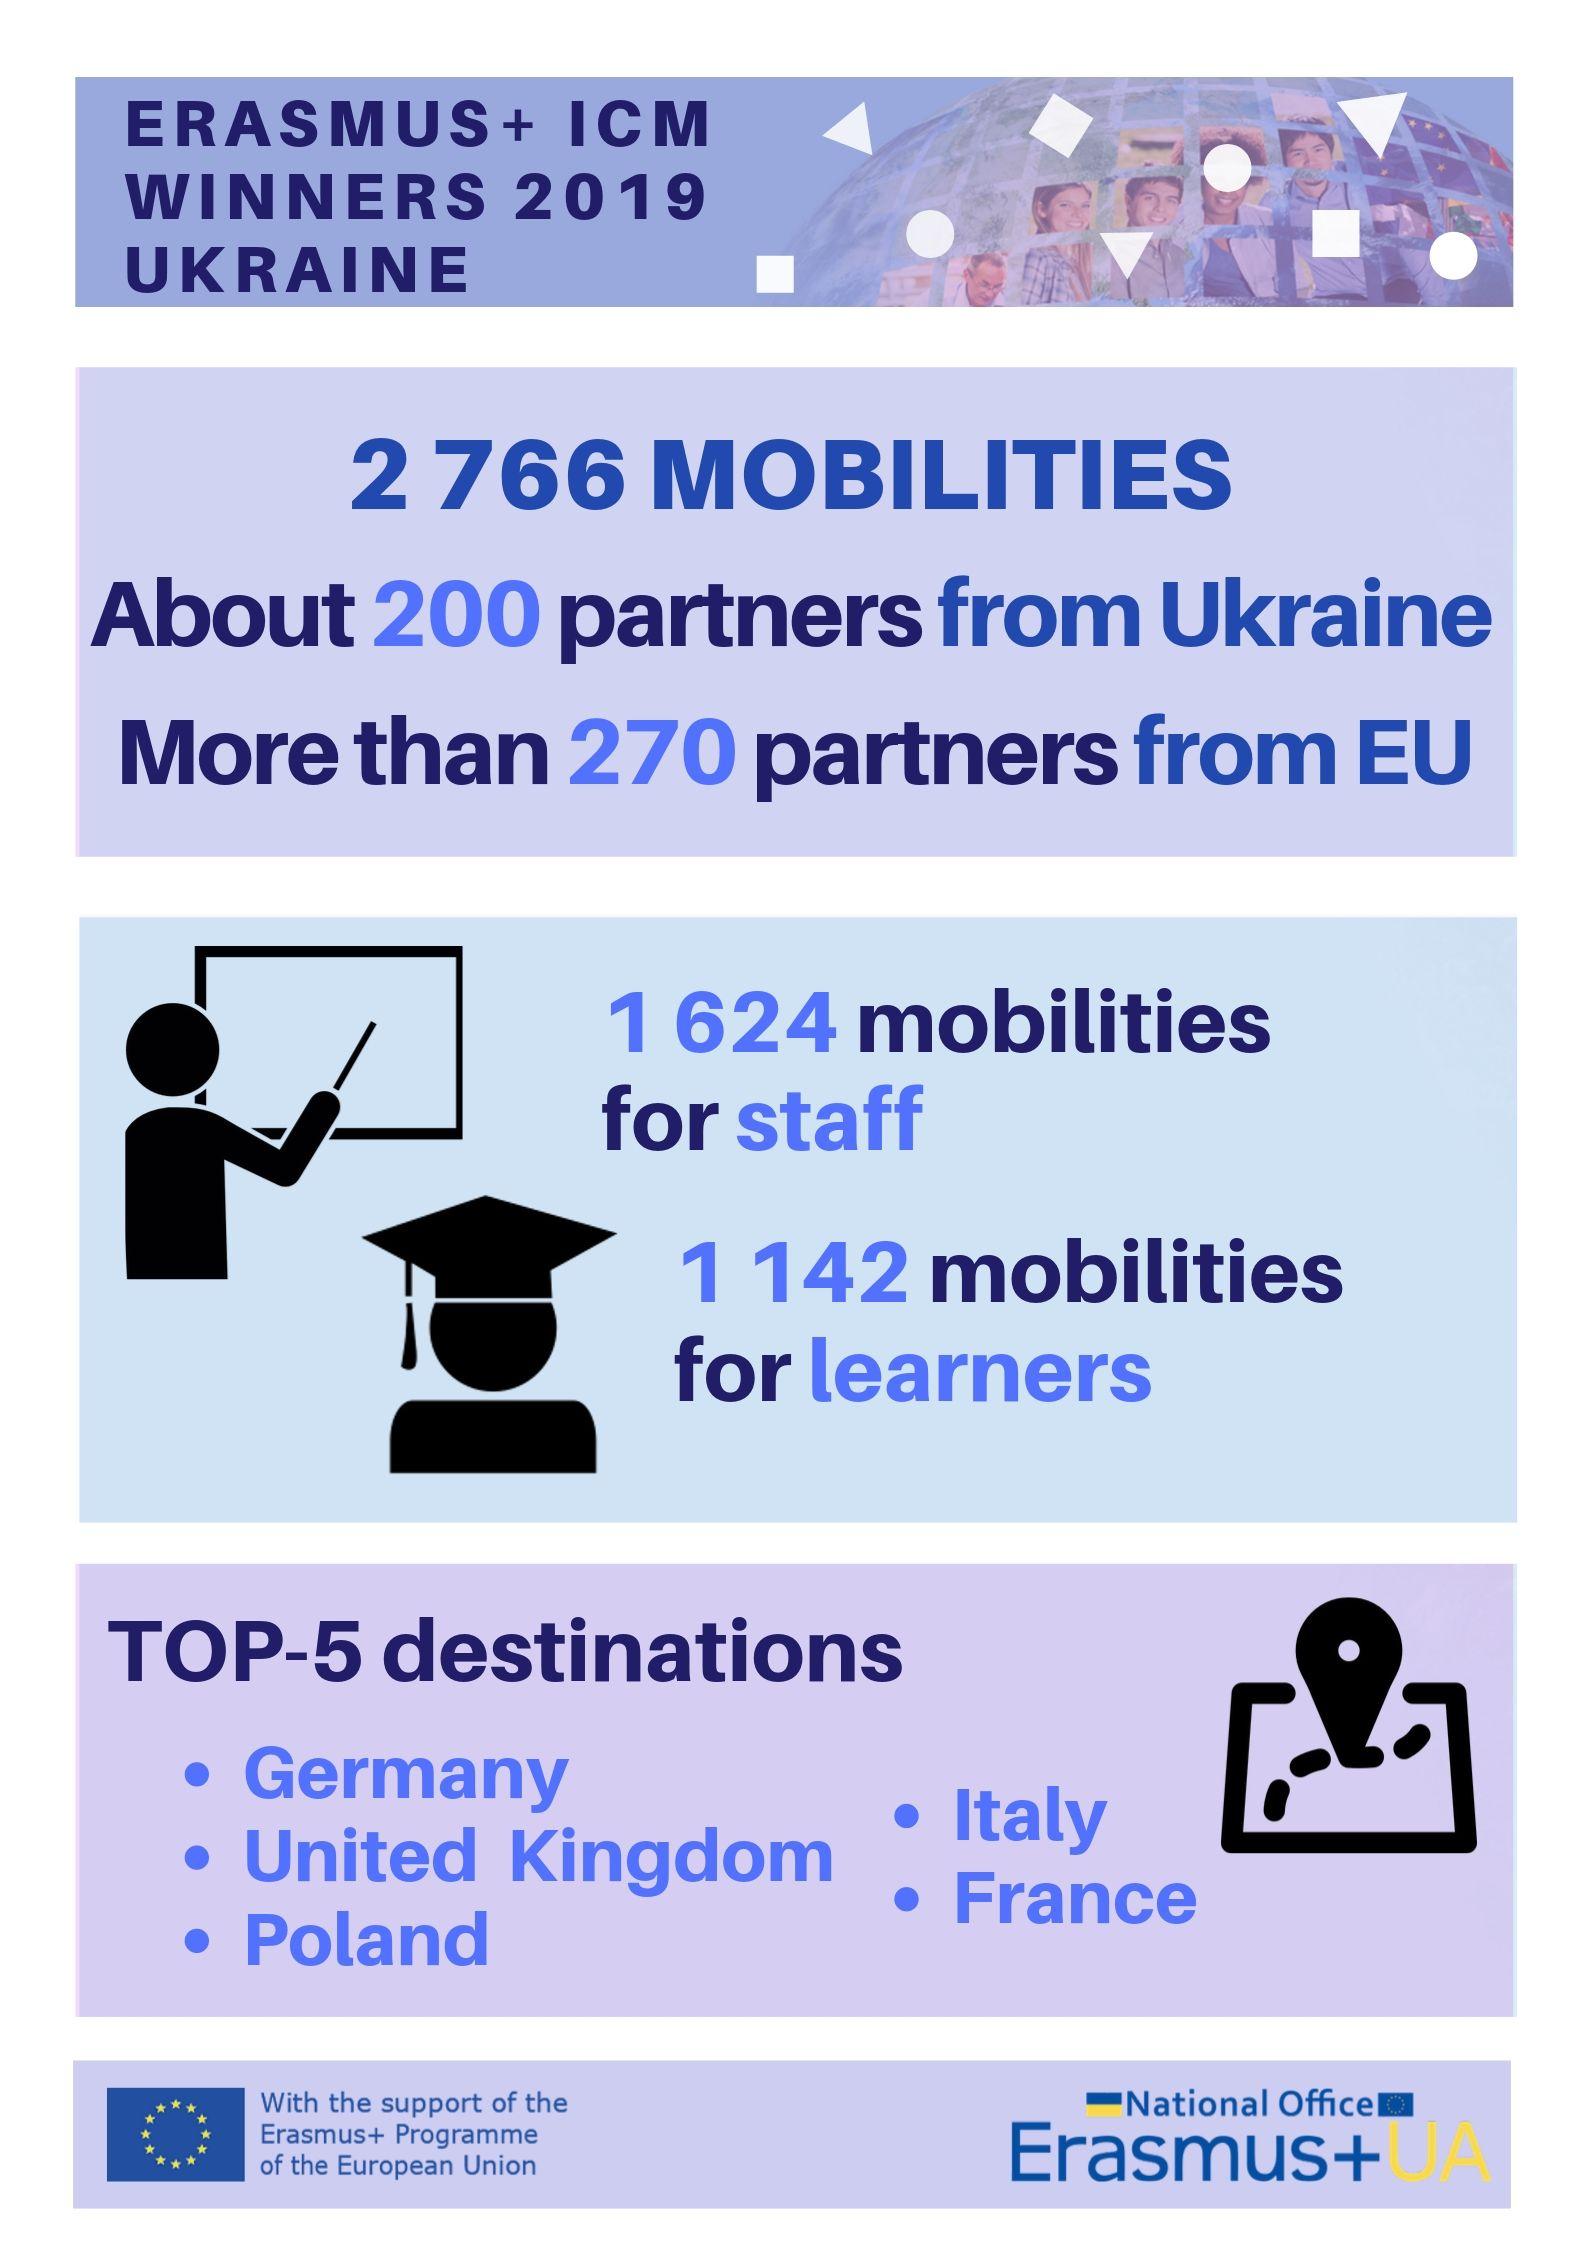 National Erasmus+ Office in Ukraine